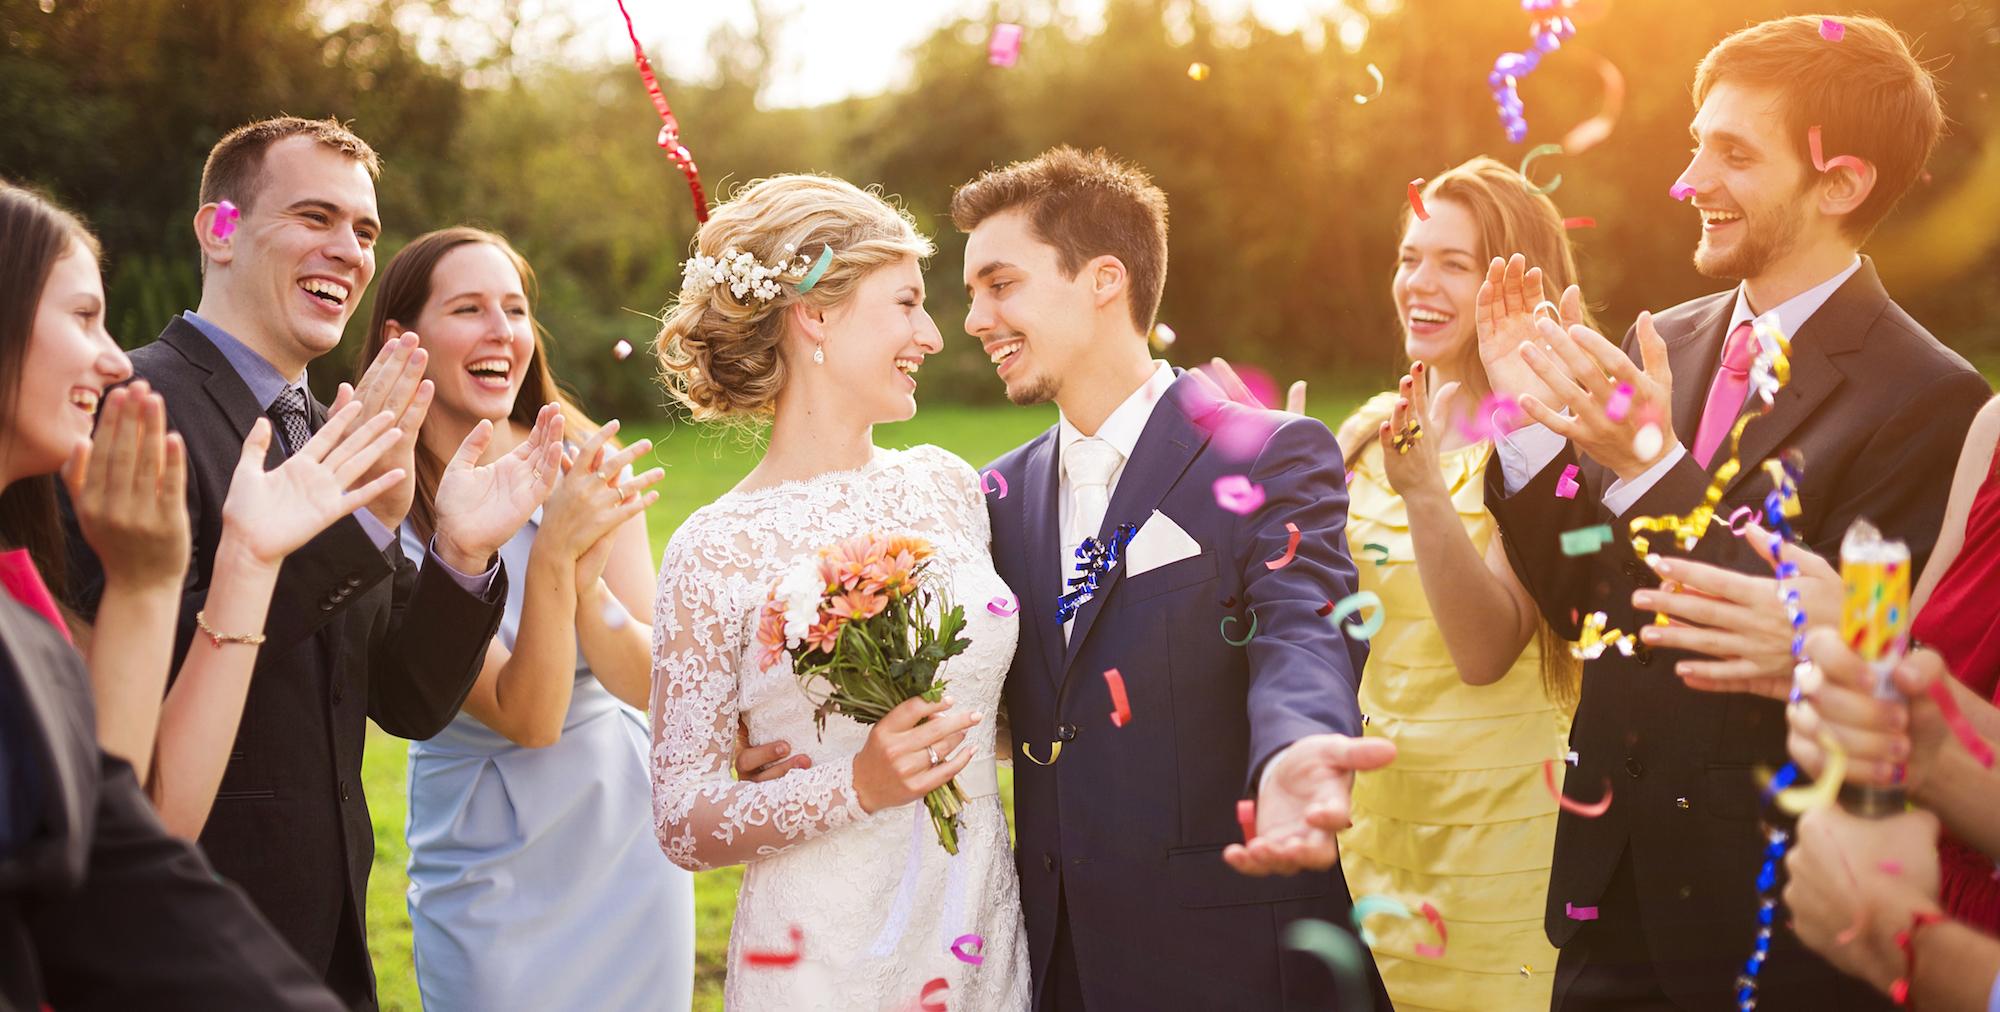 17 điều cần lưu ý để có một đám cưới hoàn hảo - ELLE Việt Nam